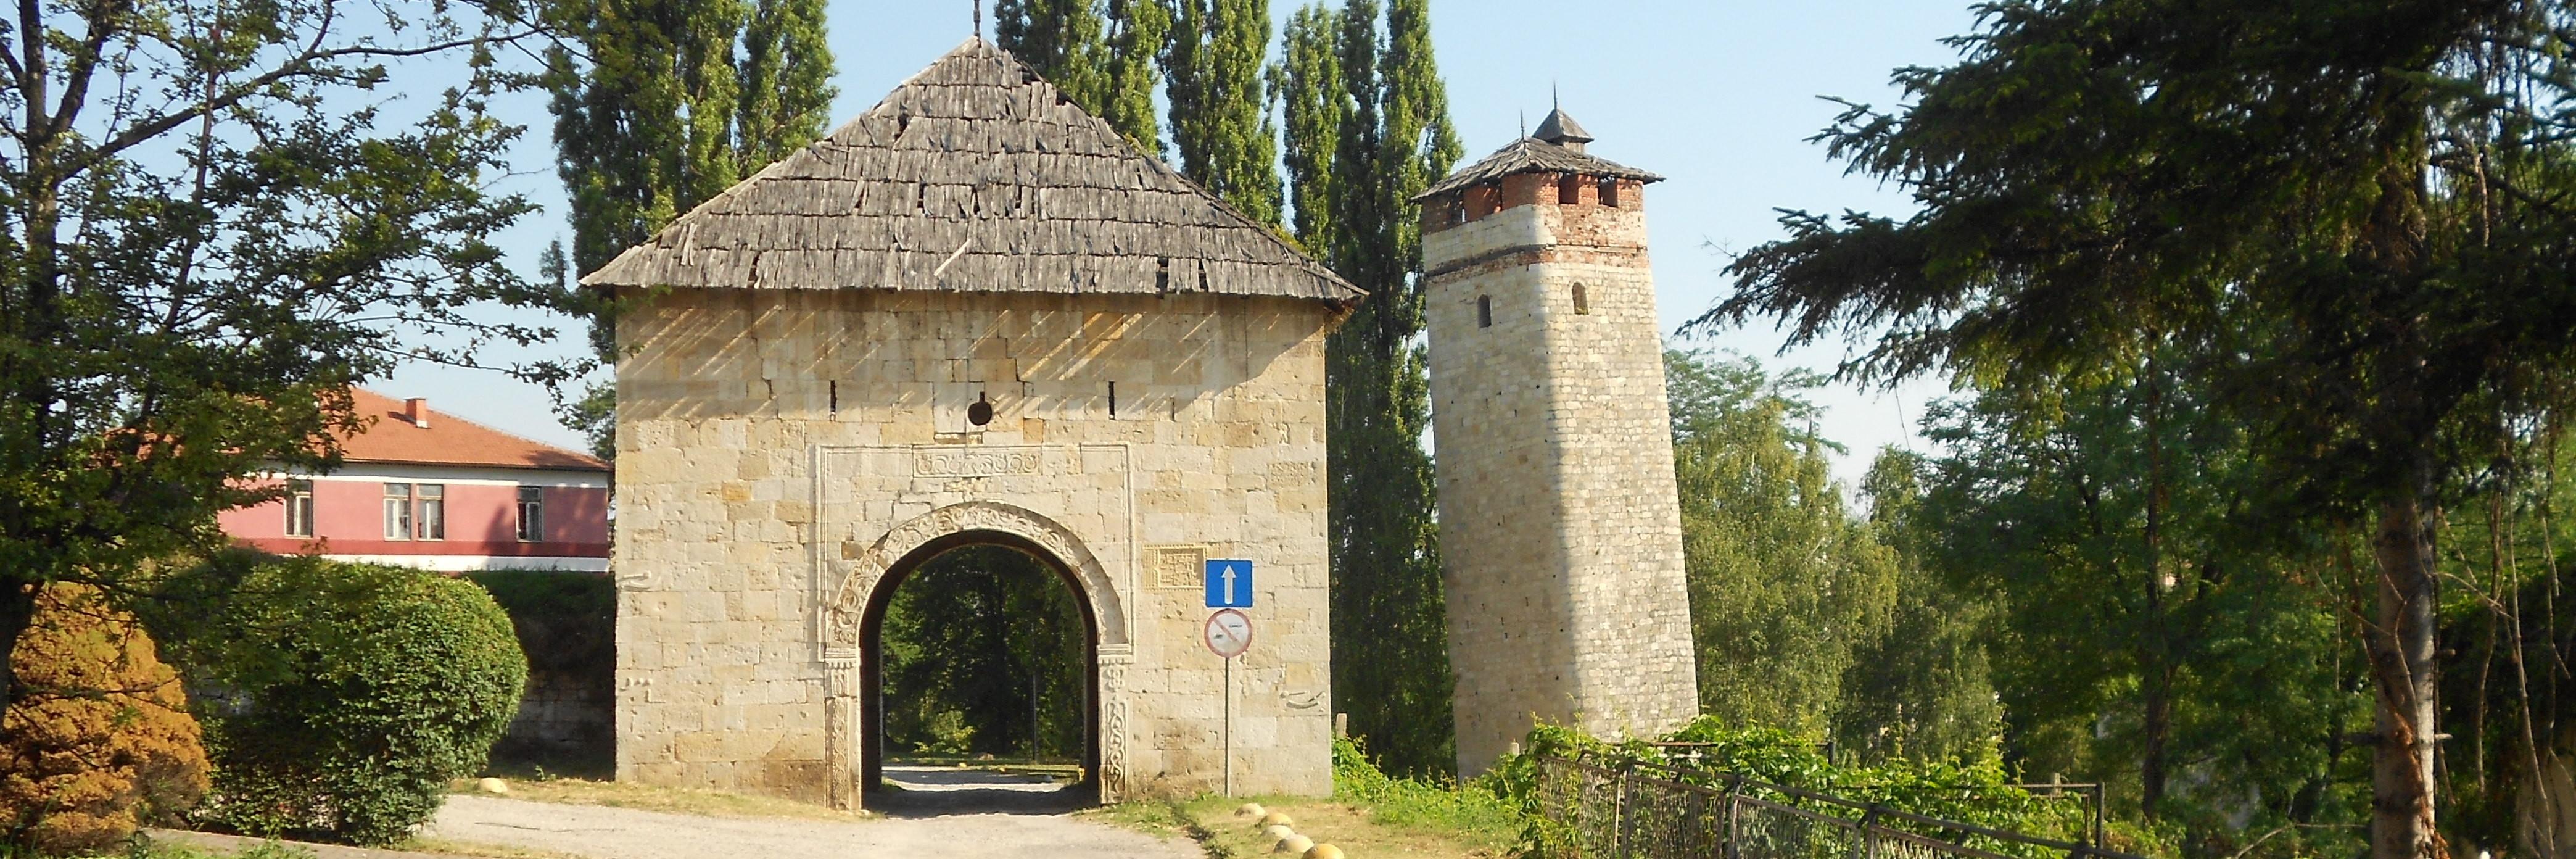 Часовая башня в Градачаце